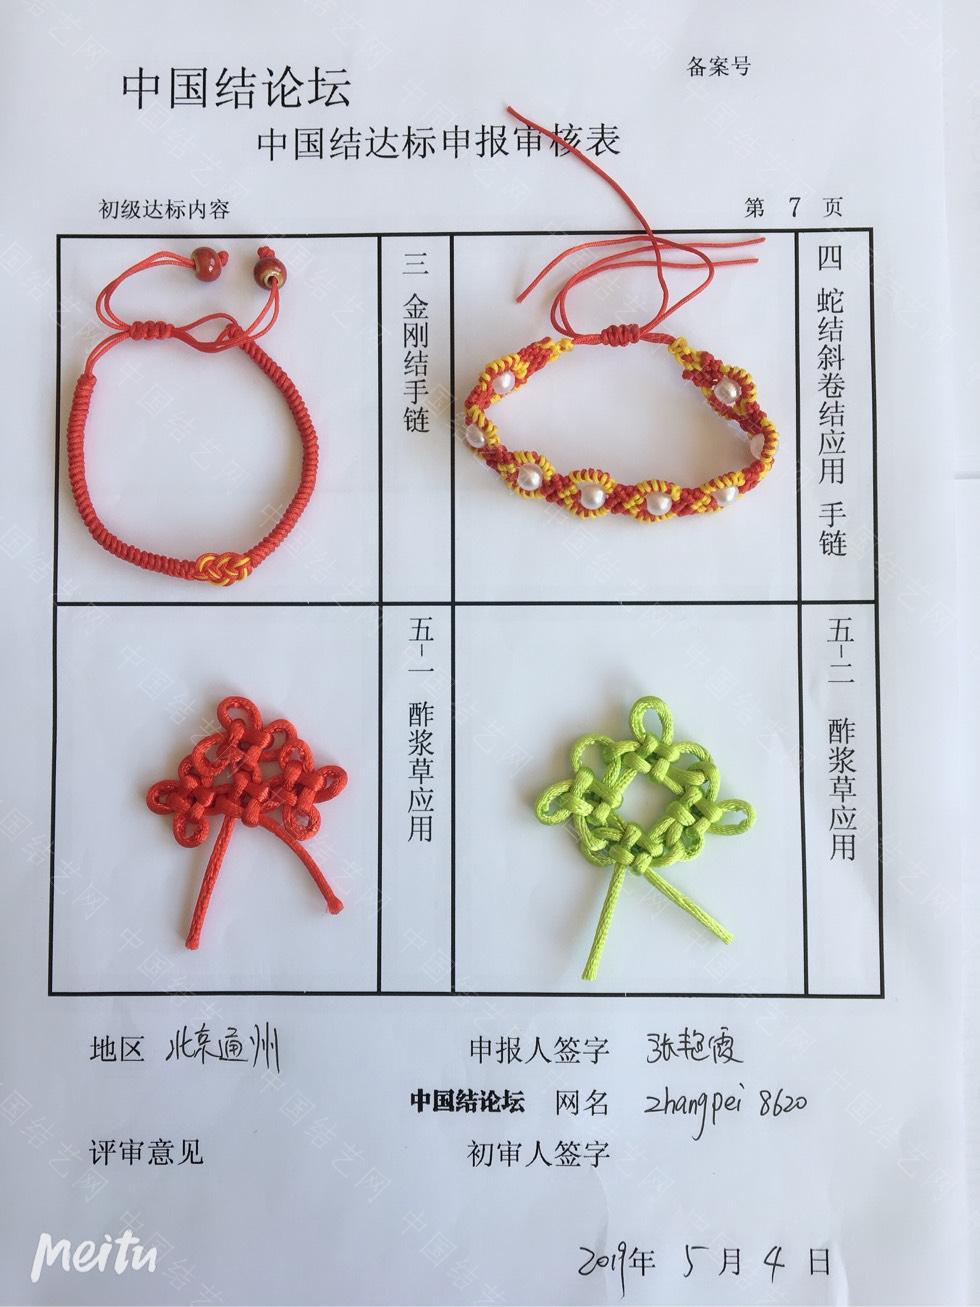 中国结论坛 zhangpei8620-初级考核申请稿件  中国绳结艺术分级达标审核 162436juxx3xoutxpmupwt